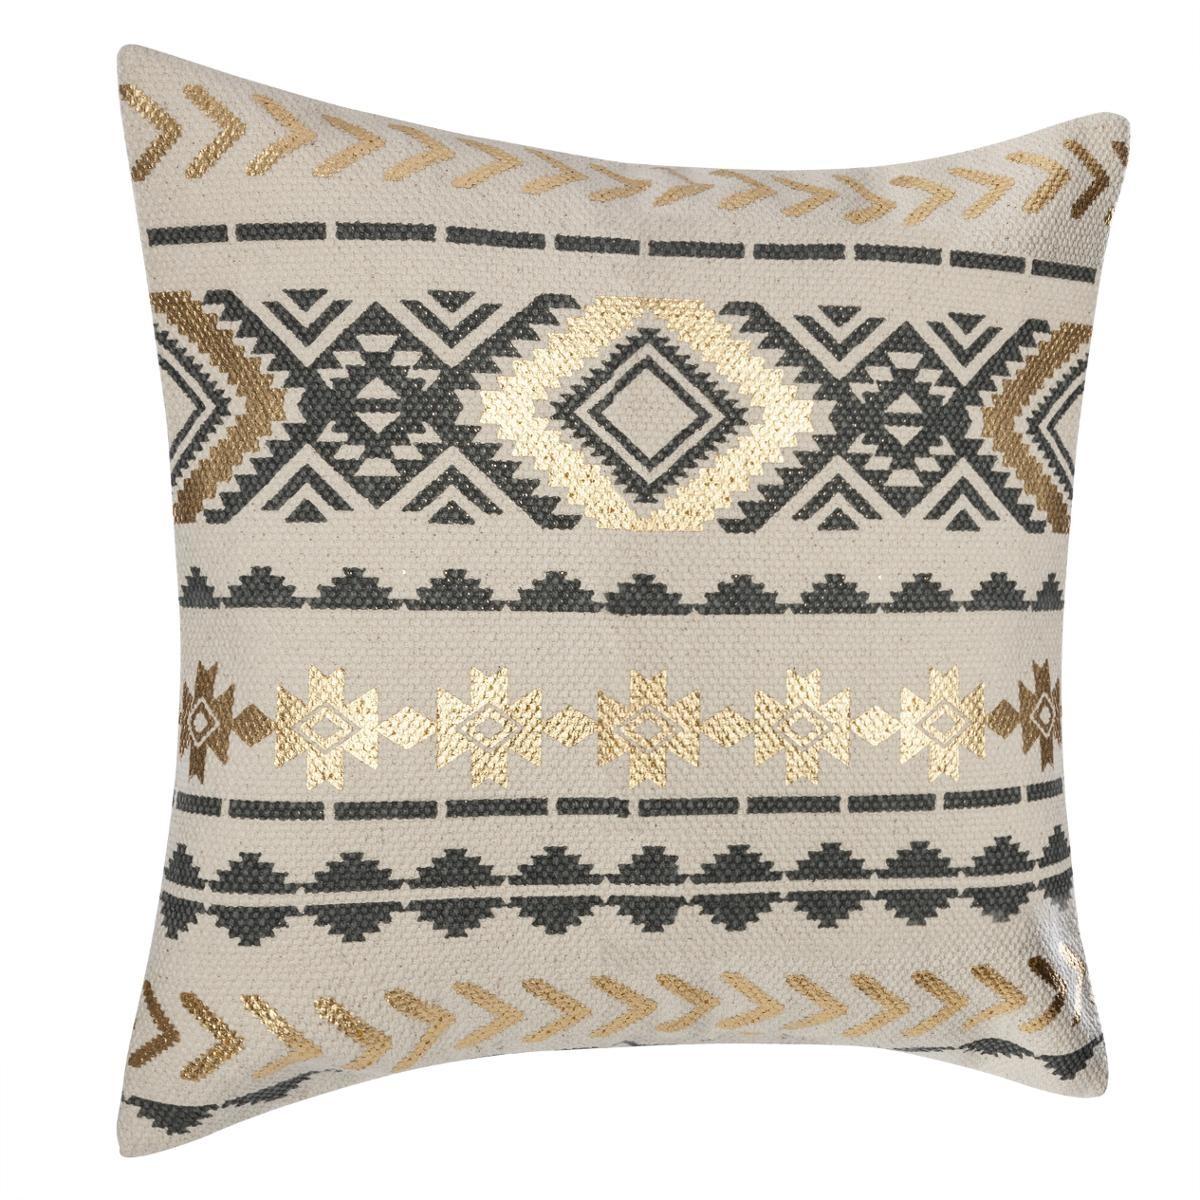 housse de coussin ethnique et or gris beige homemaison vente en ligne housses de. Black Bedroom Furniture Sets. Home Design Ideas